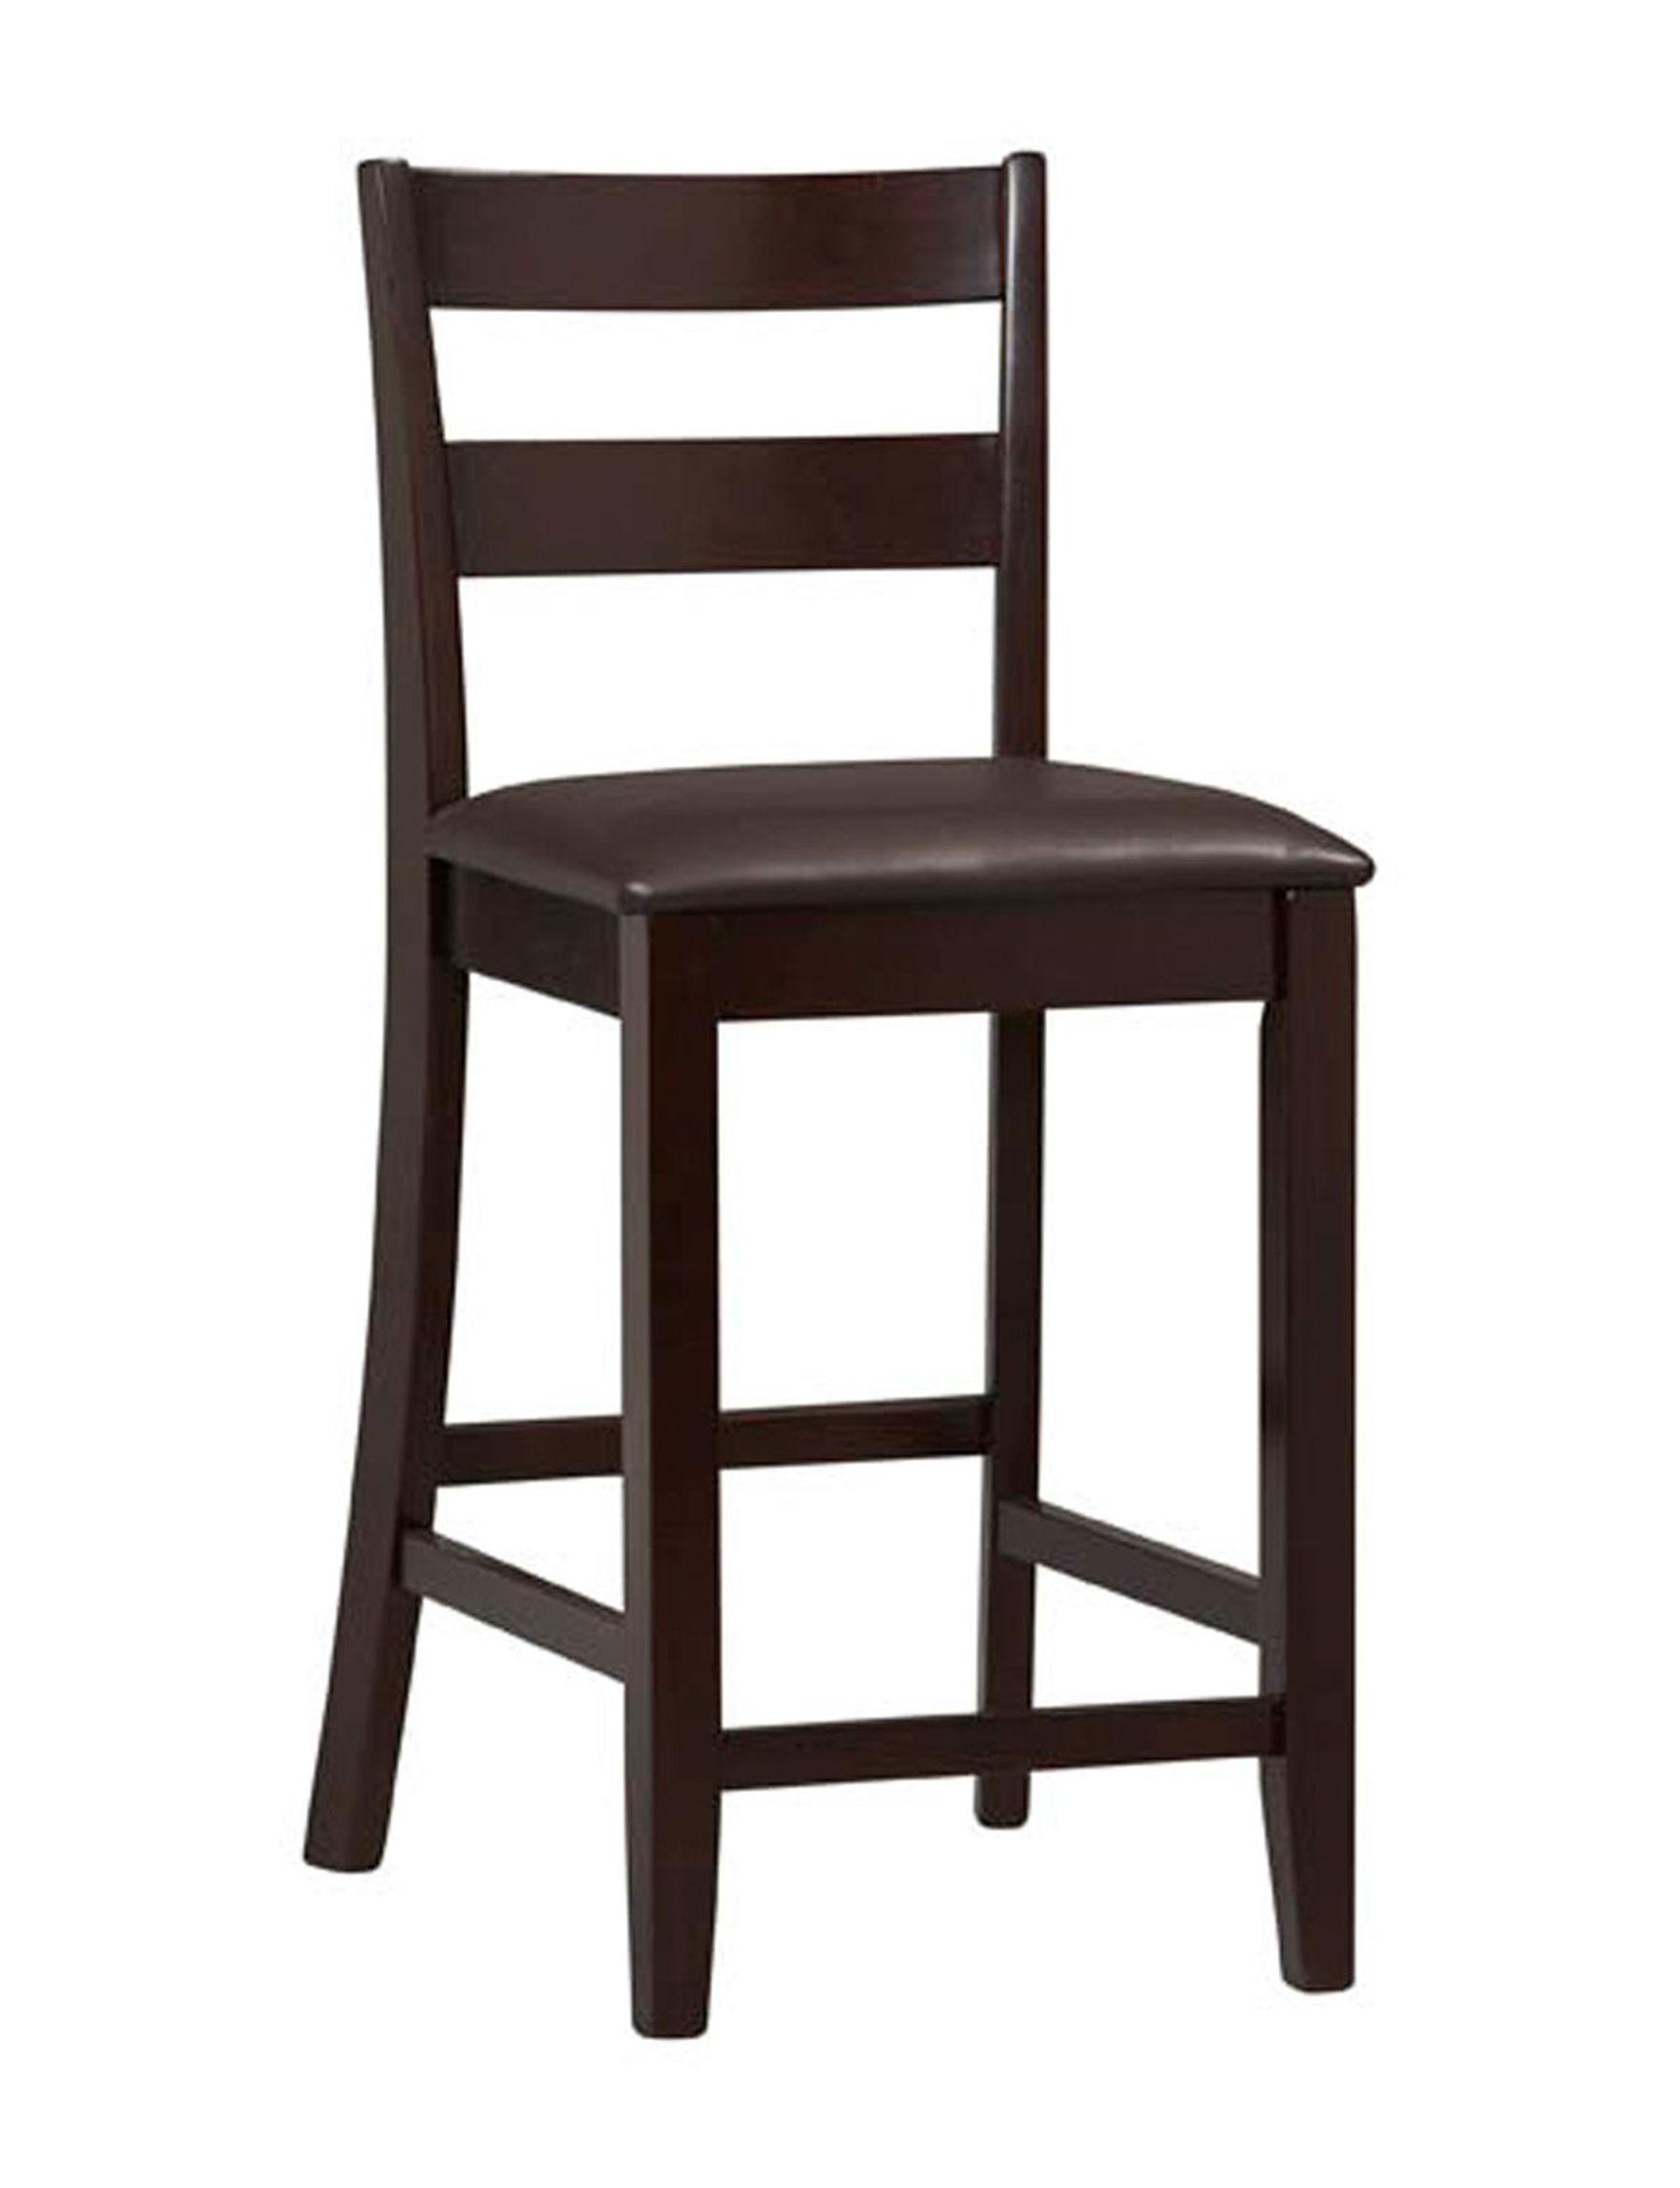 Linon Dark Brown Bar & Kitchen Stools Kitchen & Dining Furniture